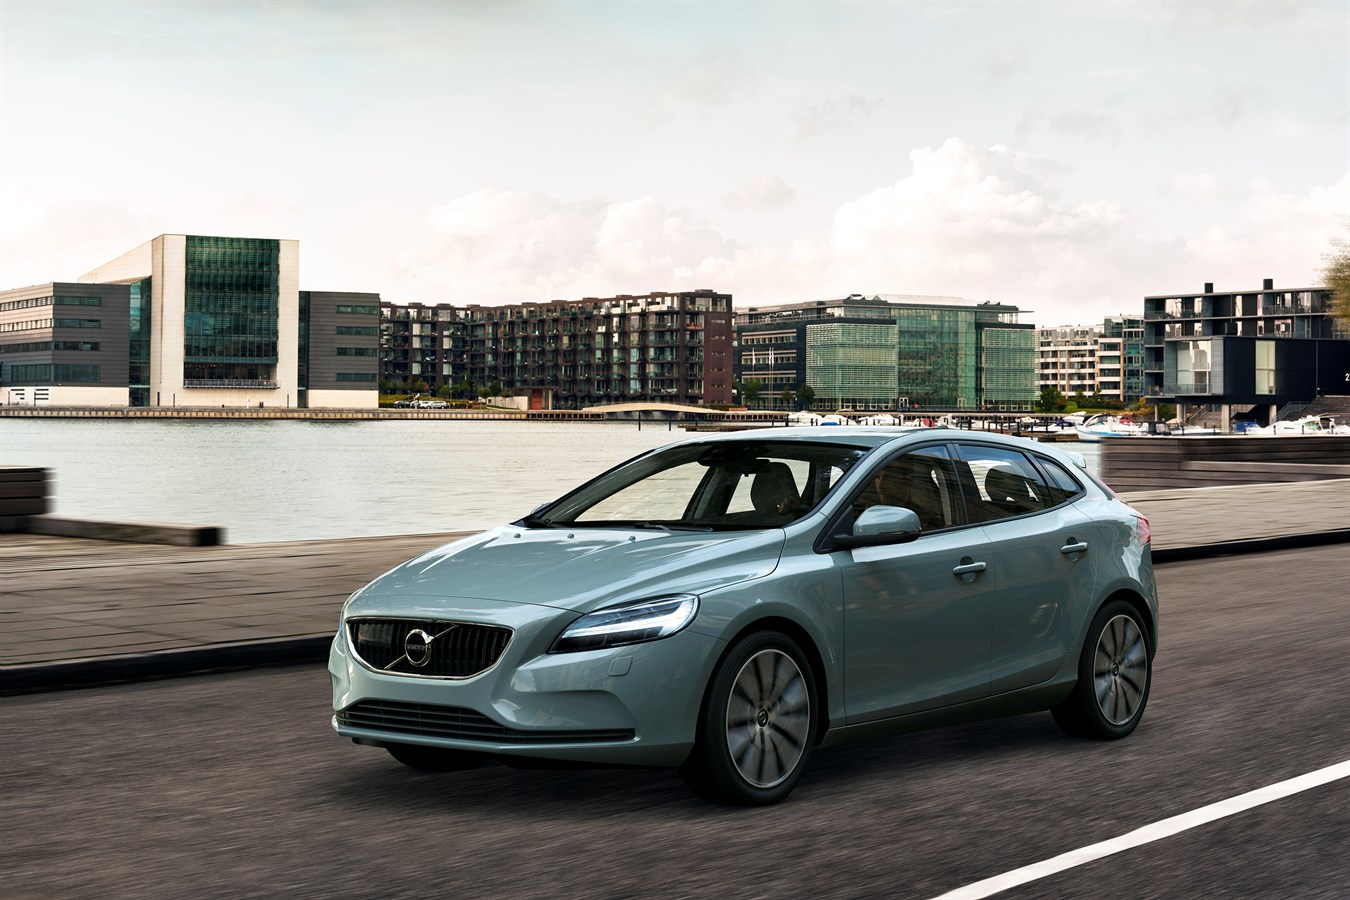 2018 volvo v40. exellent volvo volvo v40 t4 momentum location 34 front with 2018 volvo v40 m